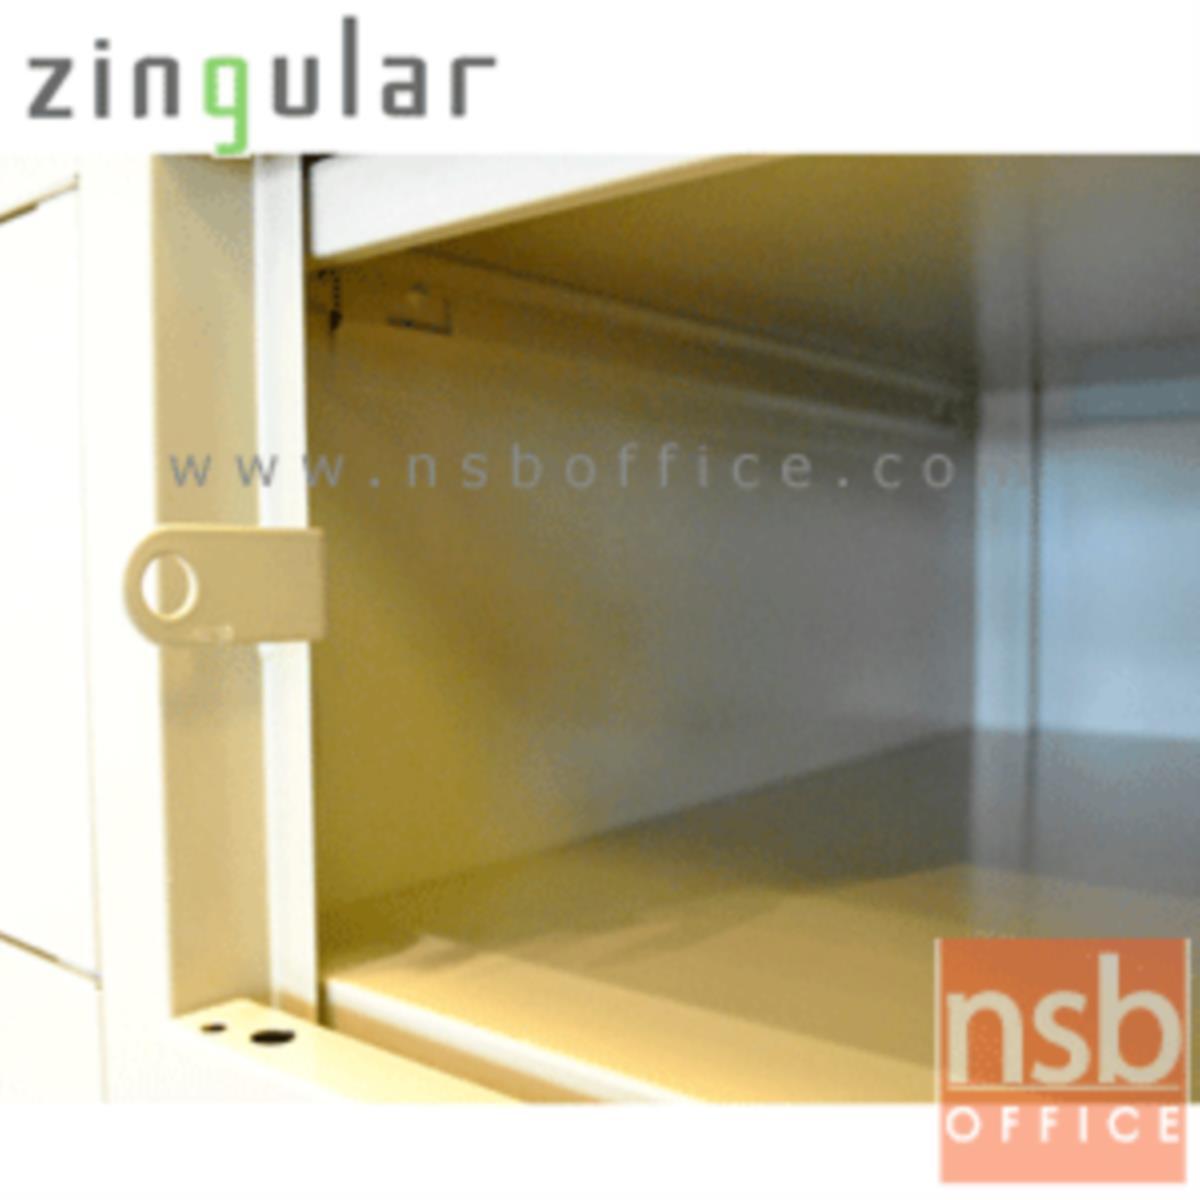 ตู้เหล็กล็อคเกอร์ 33 ประตู กุญแจแยก รุ่น ZLK-6133